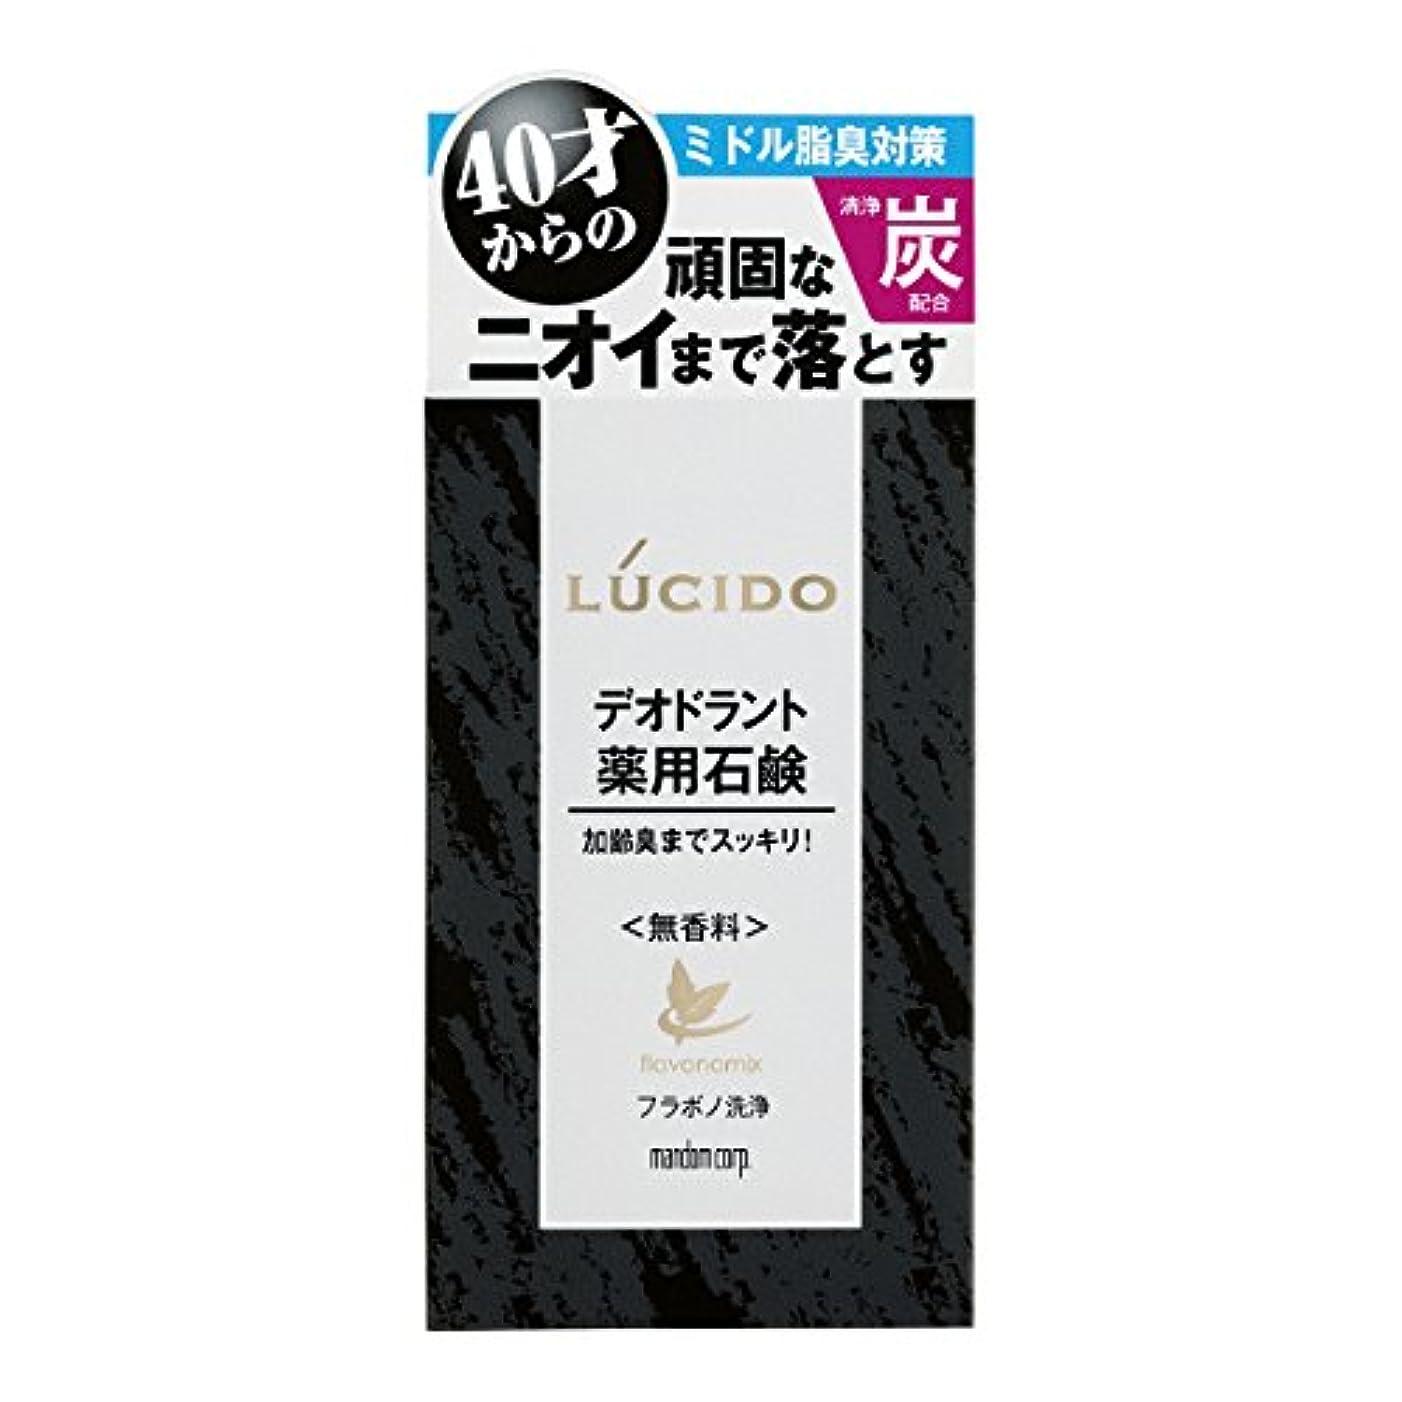 切る苦悩むき出しルシード 薬用デオドラント石鹸 100g(医薬部外品)